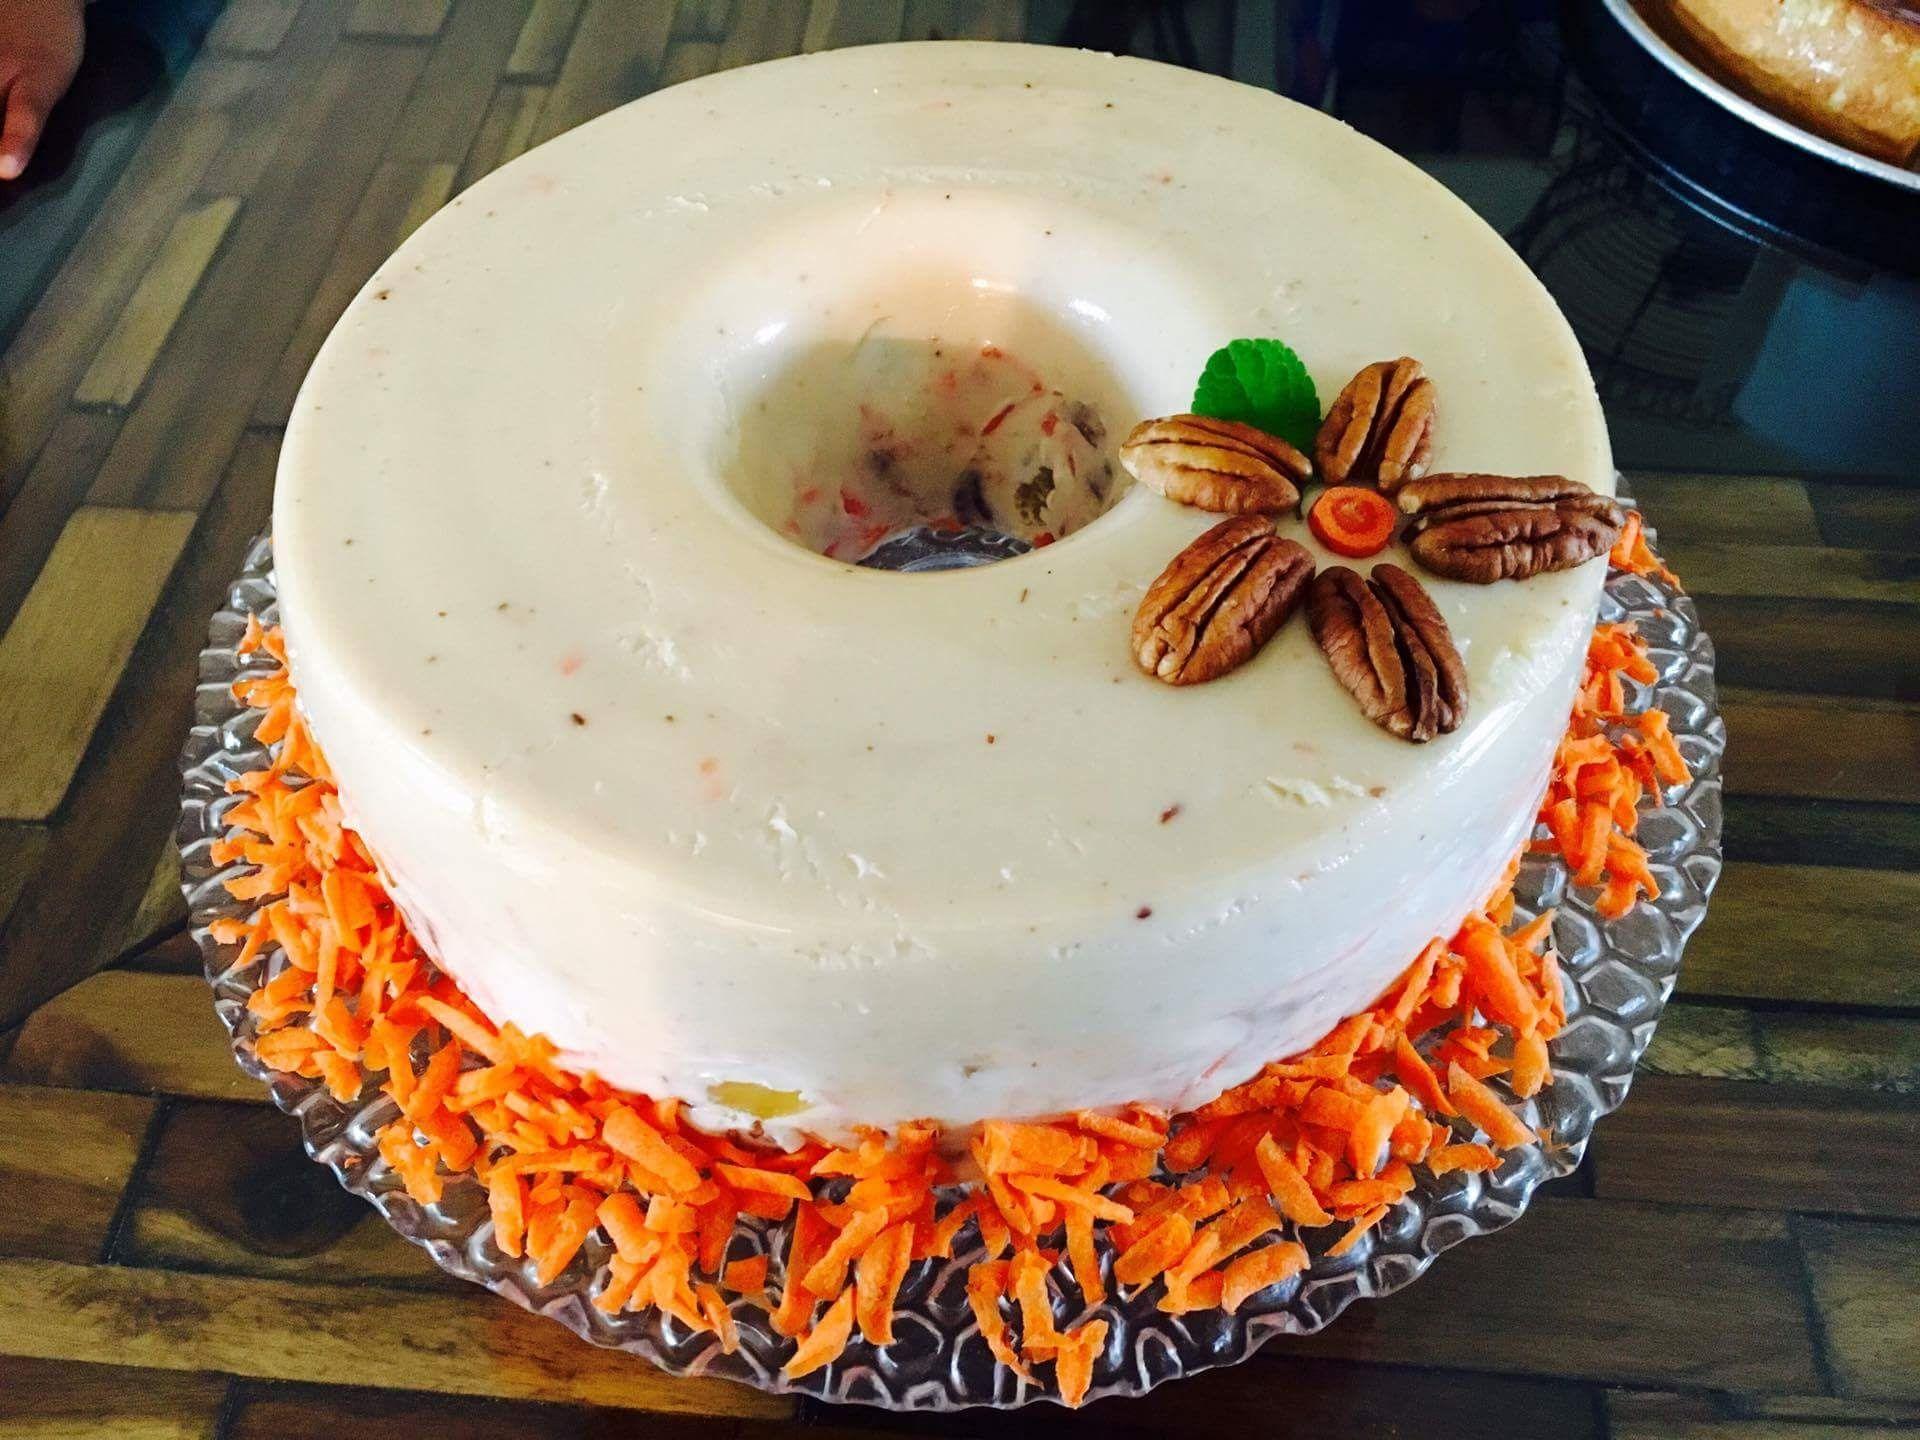 Gelatina de zanahoria piña y nuez